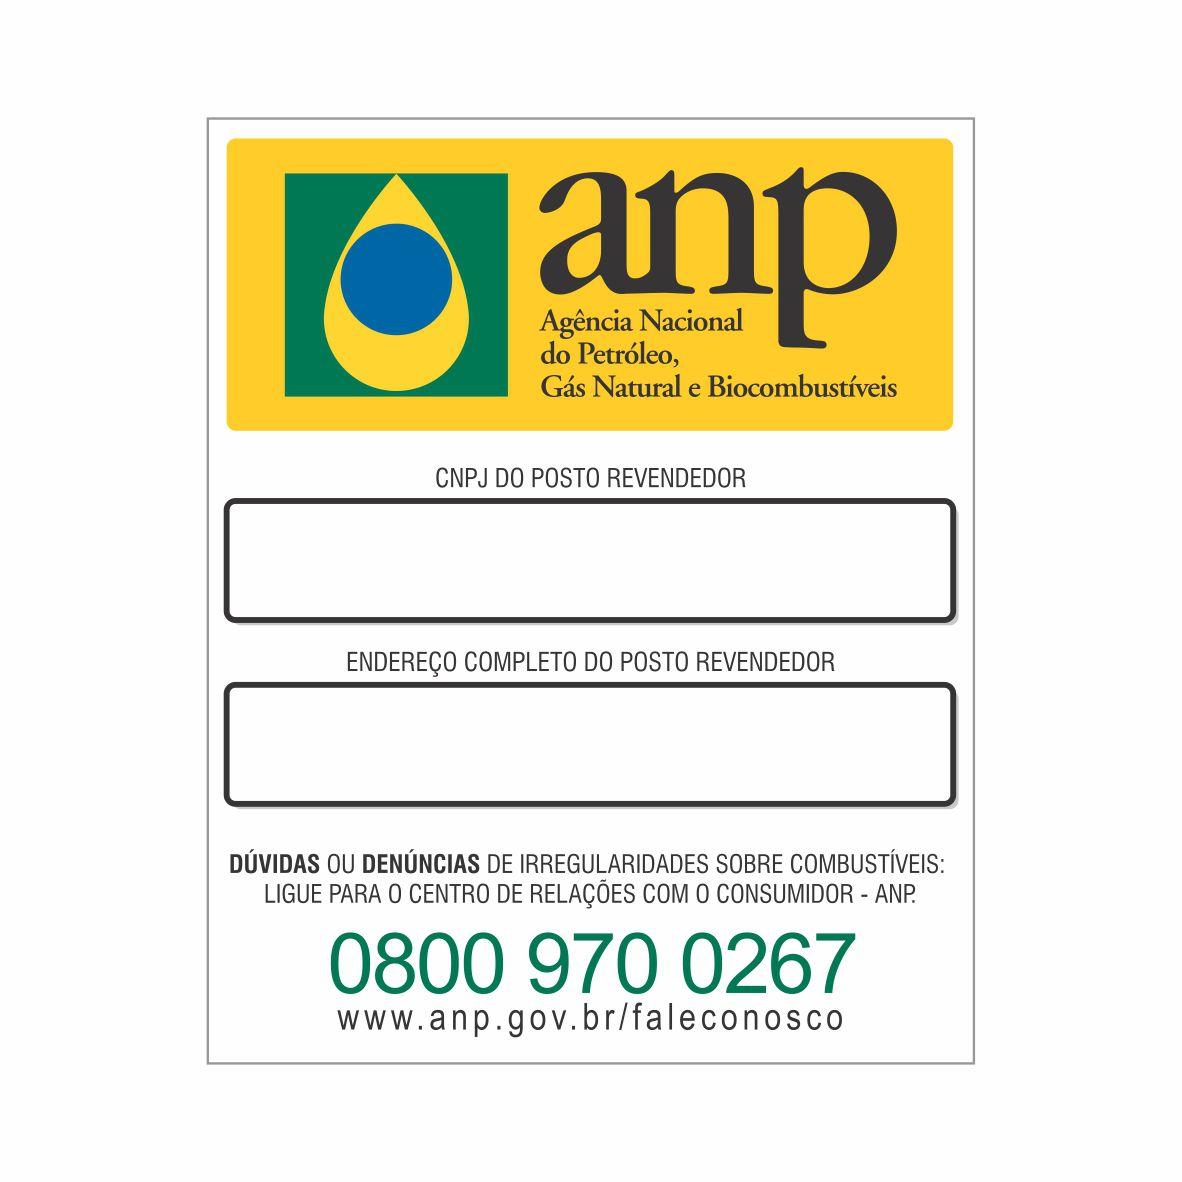 ANP - CNPJ E ENDEREÇO  - Towbar Sinalização de Segurança